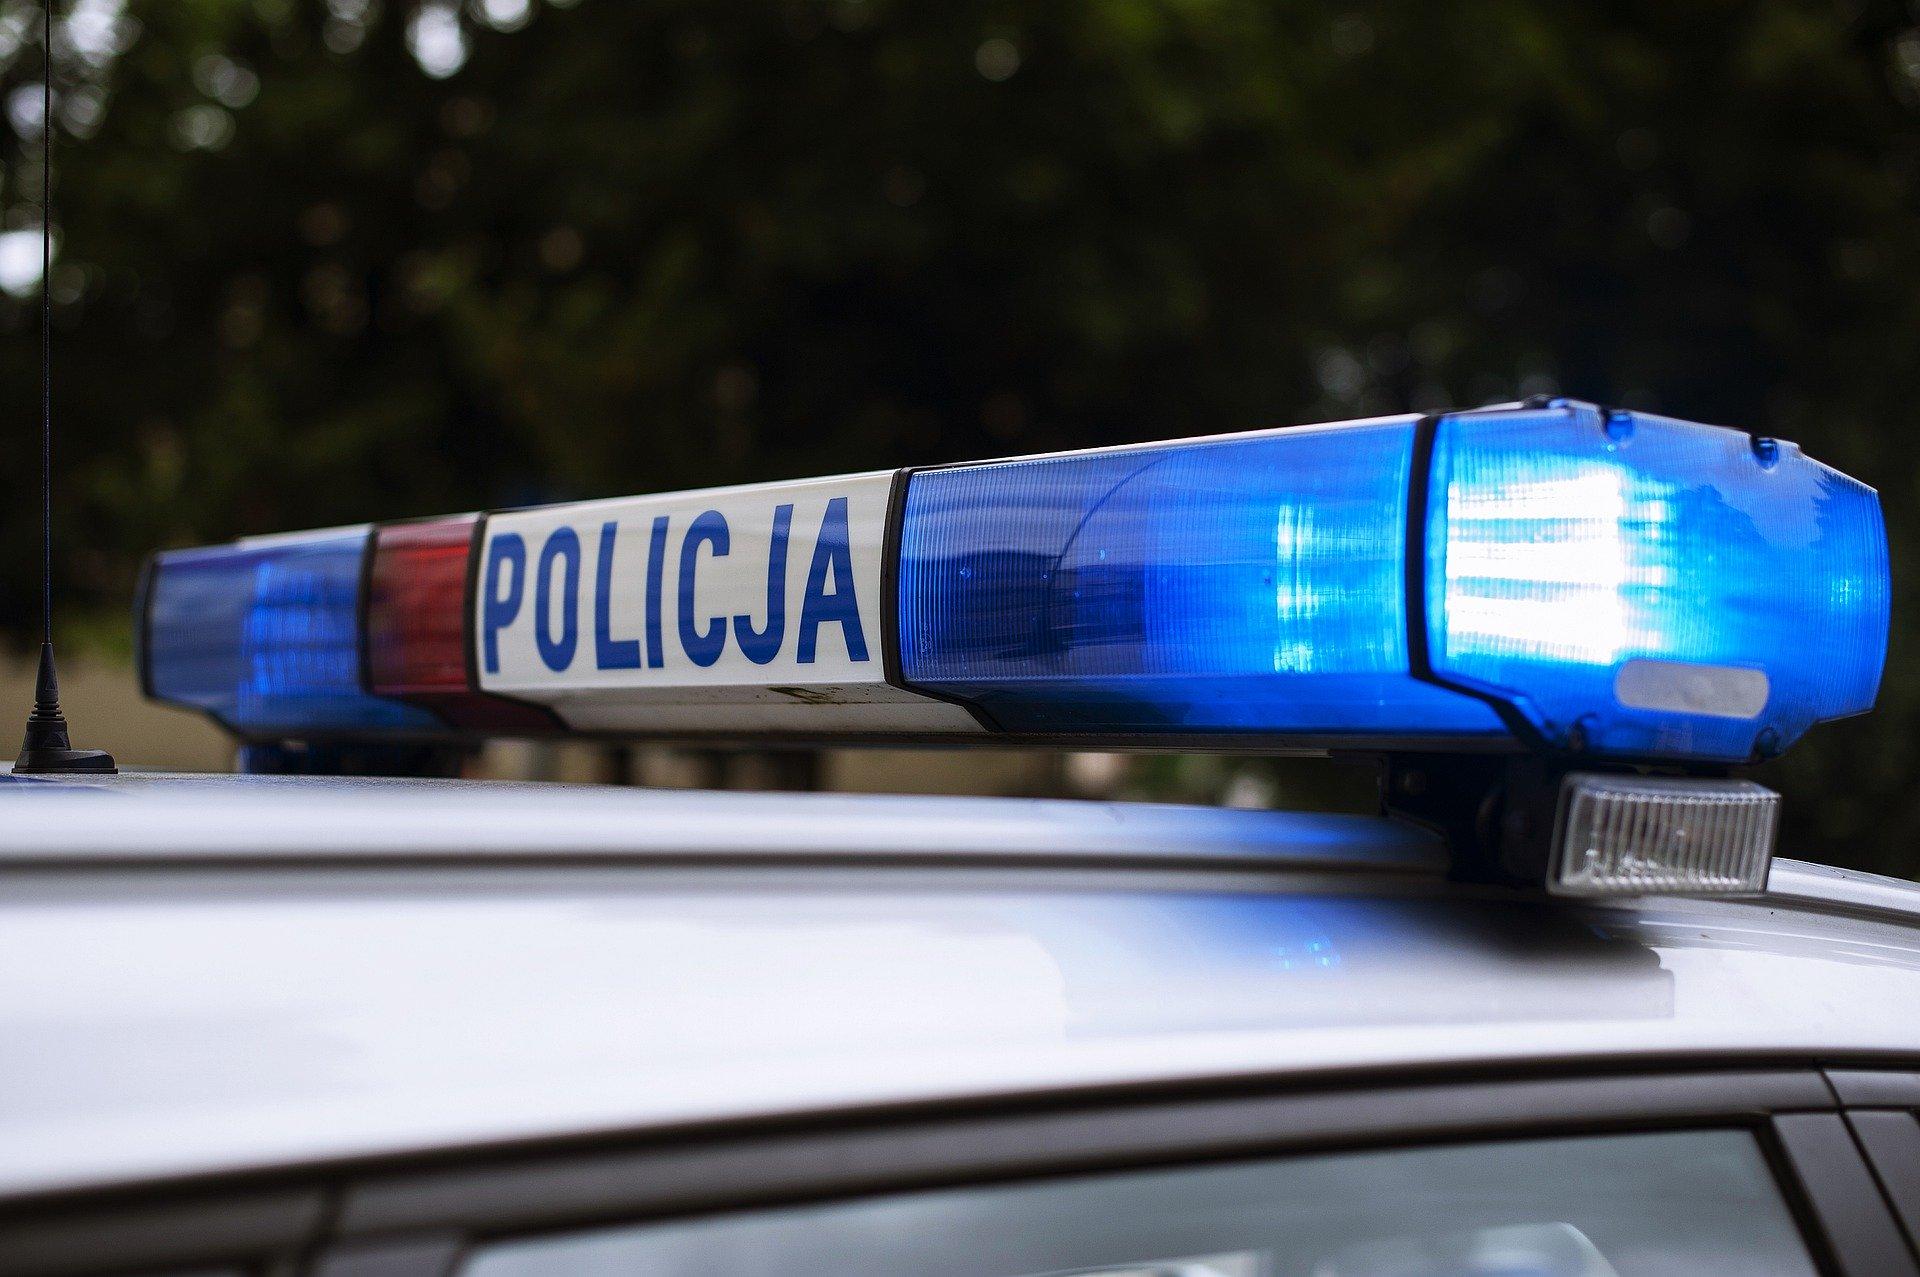 Ilustracja do informacji: GMINA BEŁCHATÓW SFINANSUJE DODATKOWE POLICYJNE PATROLE: